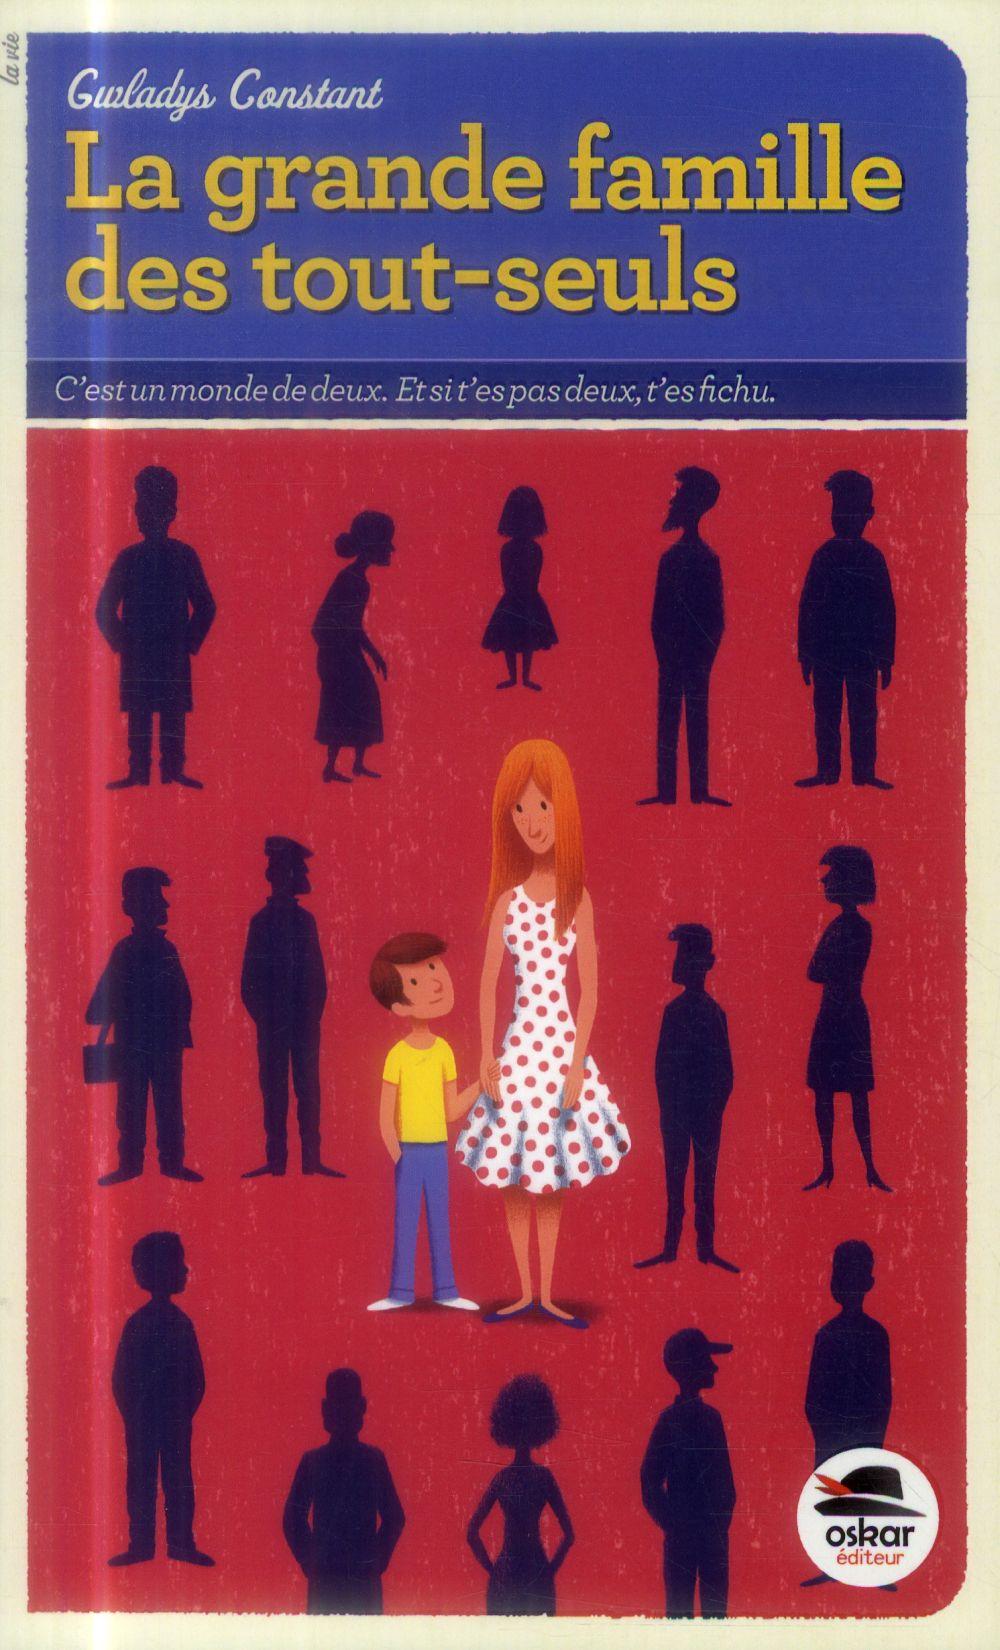 LA GRANDE FAMILLE DES TOUT SEULS